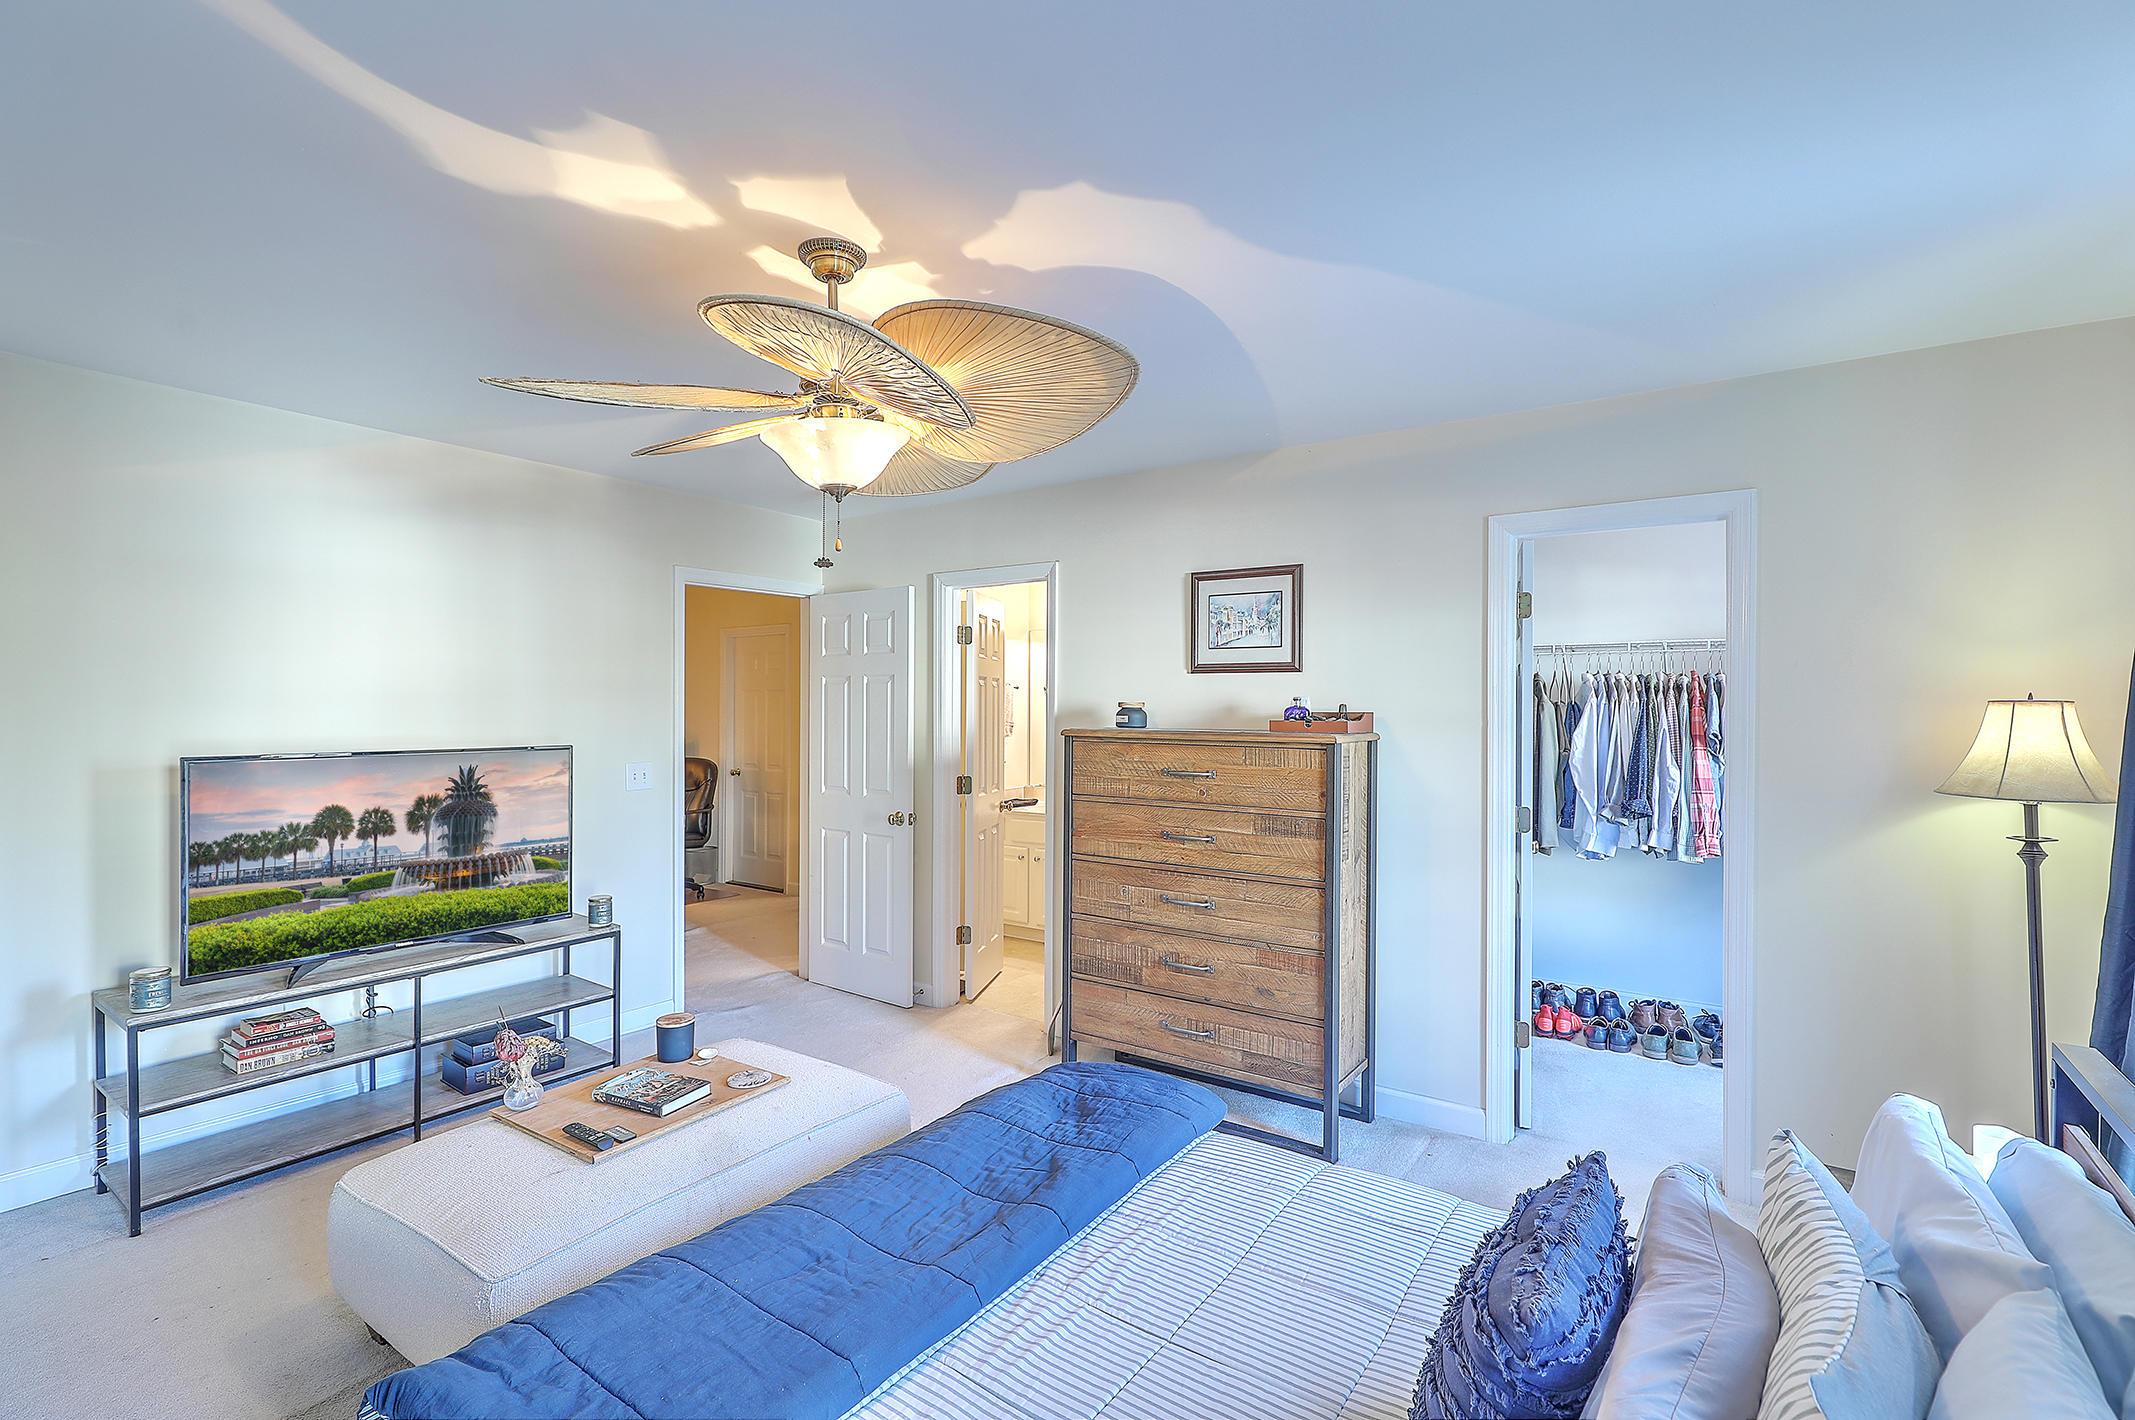 Dunes West Homes For Sale - 163 Fair Sailing, Mount Pleasant, SC - 47